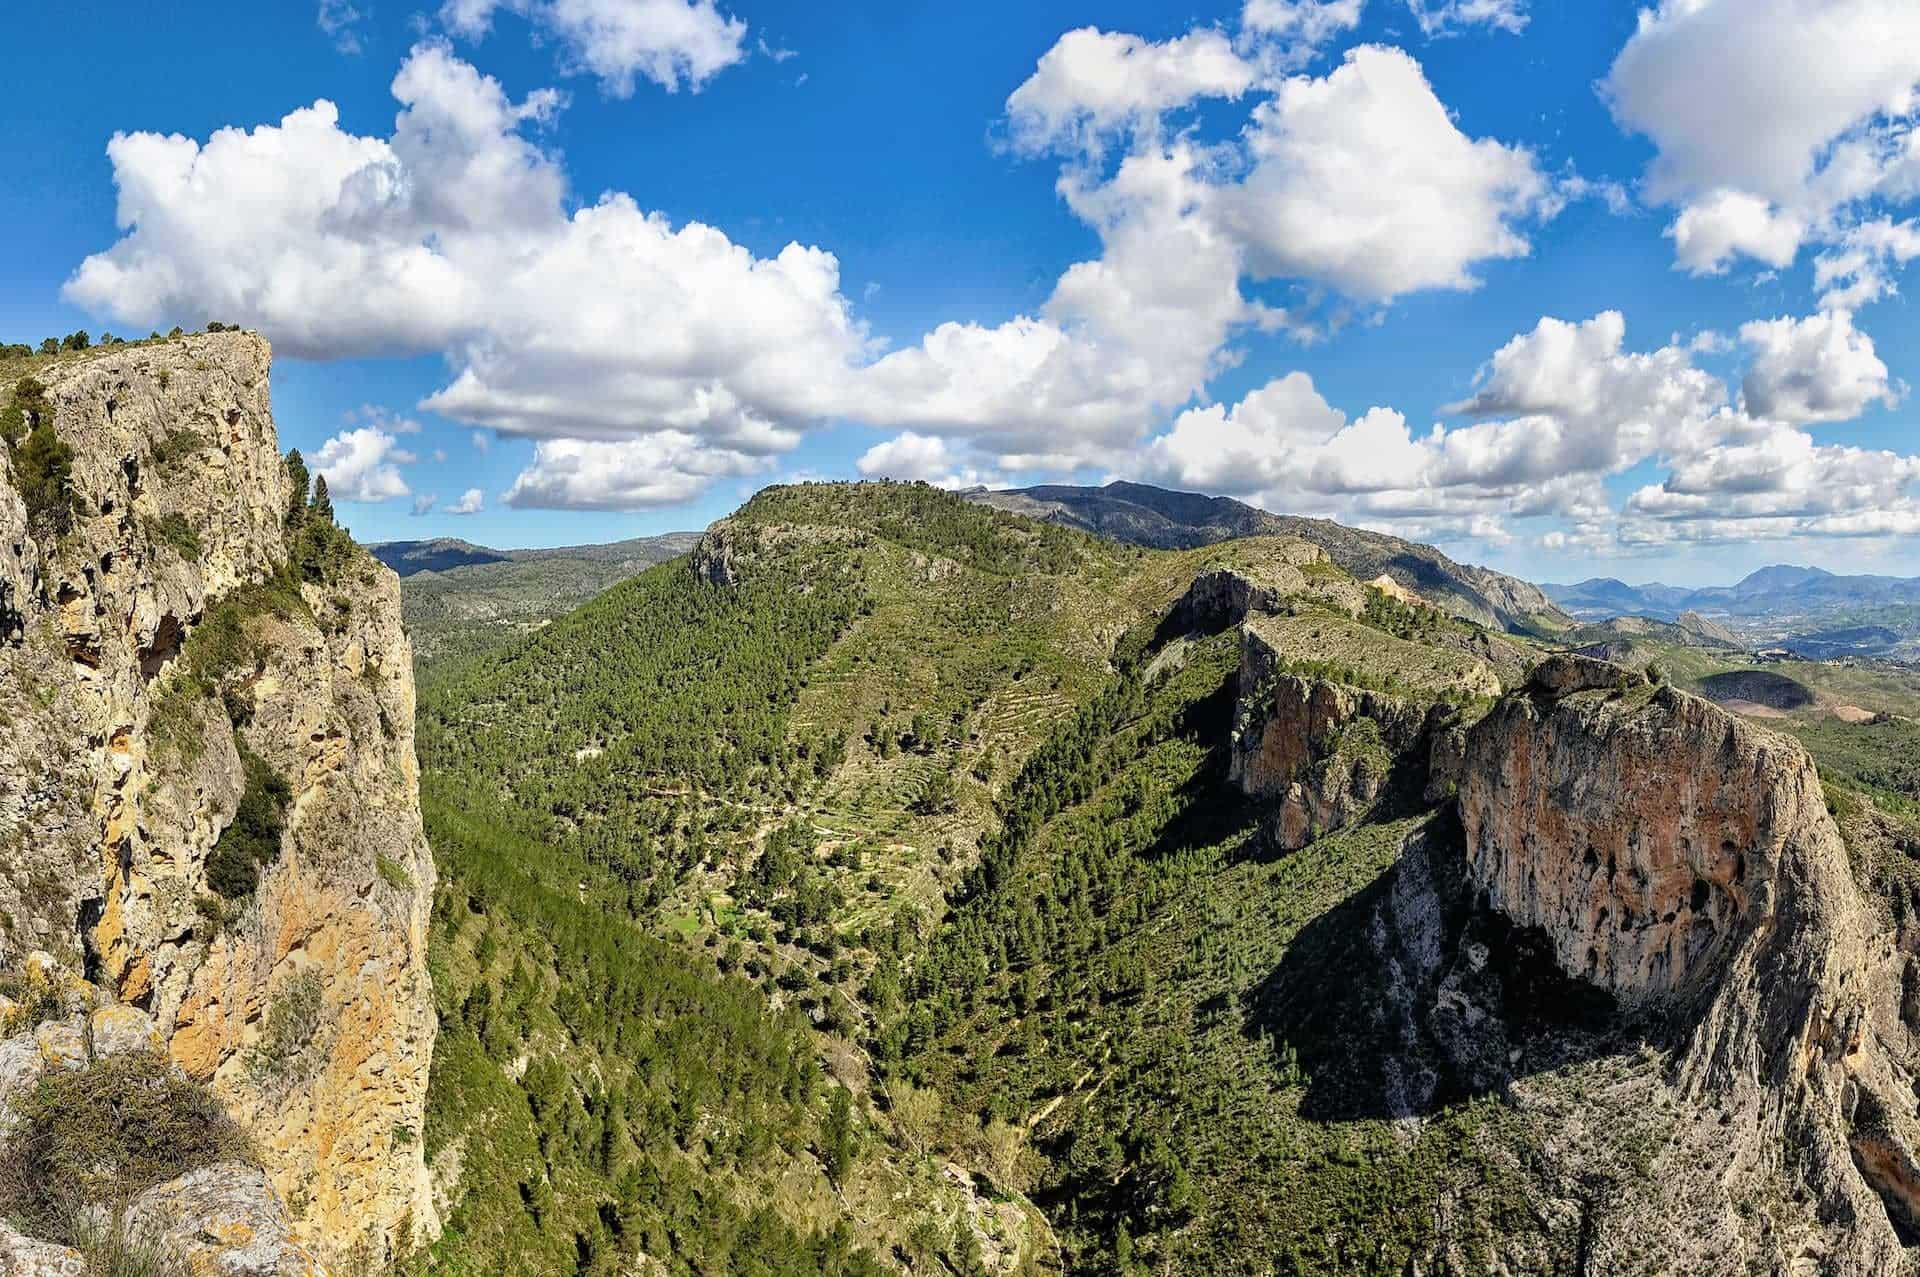 Barranc del Cint Spainrider S.L